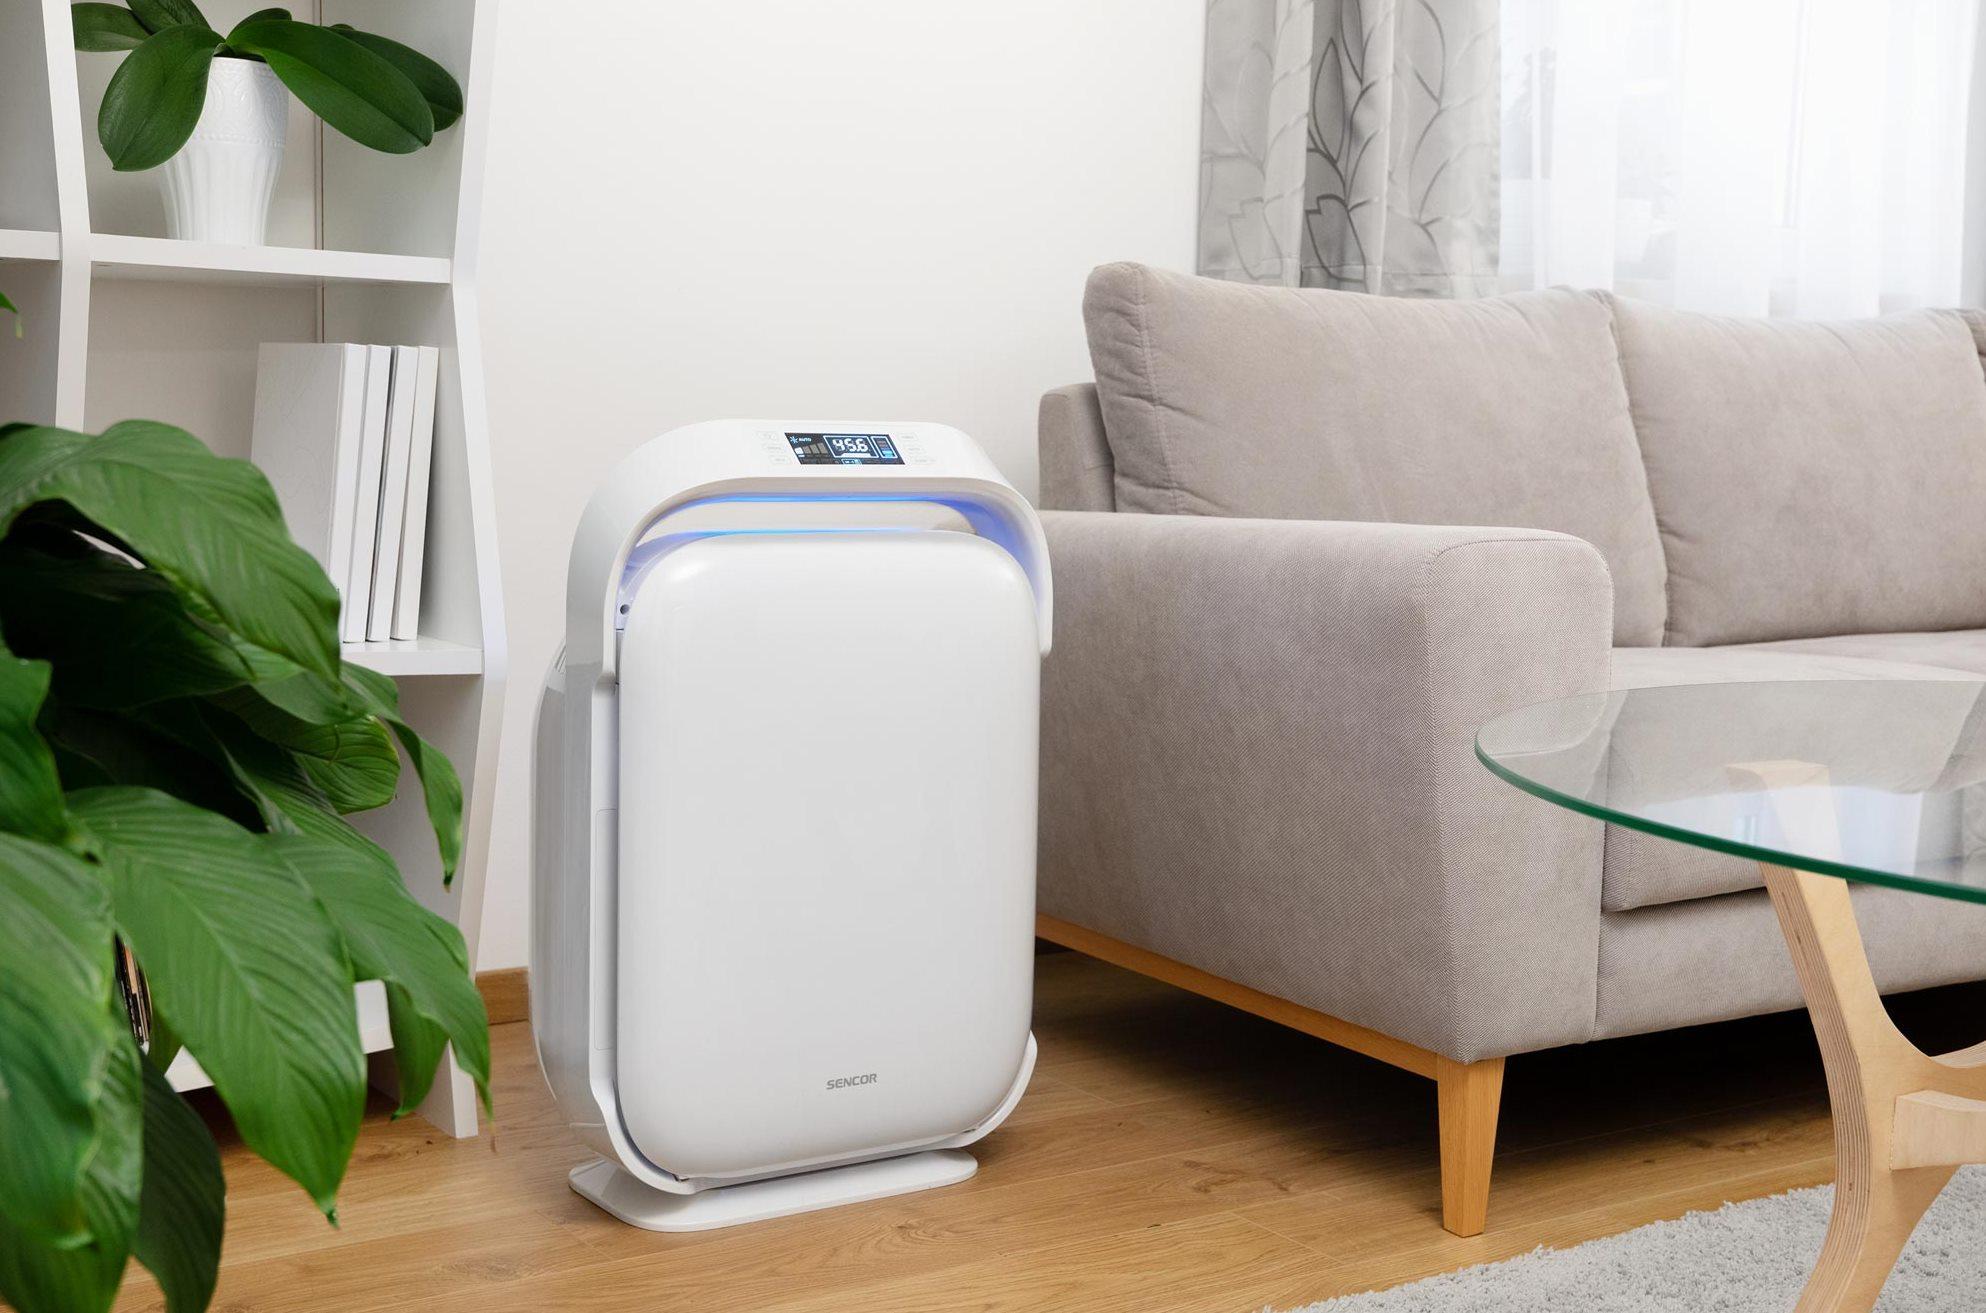 Čistička Sencor SHA 9400WH má senzor kvality vzduchu, který detekuje míru znečištění vzduchu a následně doporučuje optimální výkon pro jeho vyčištění